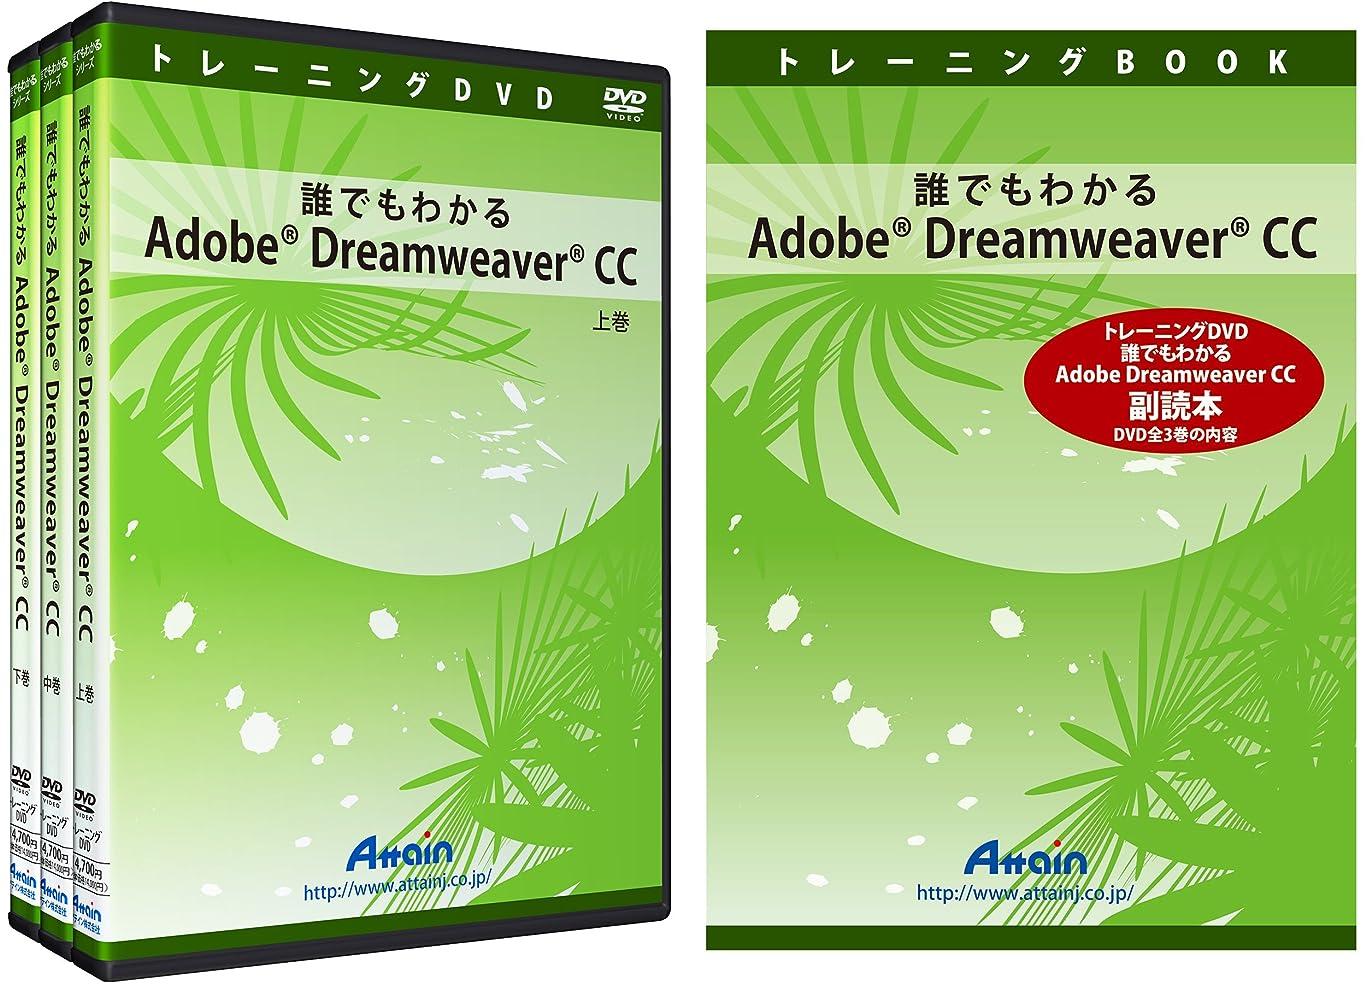 論争的カヌー合金誰でもわかるAdobe Dreamweaver CC DVD上中下全3巻+副読本セット